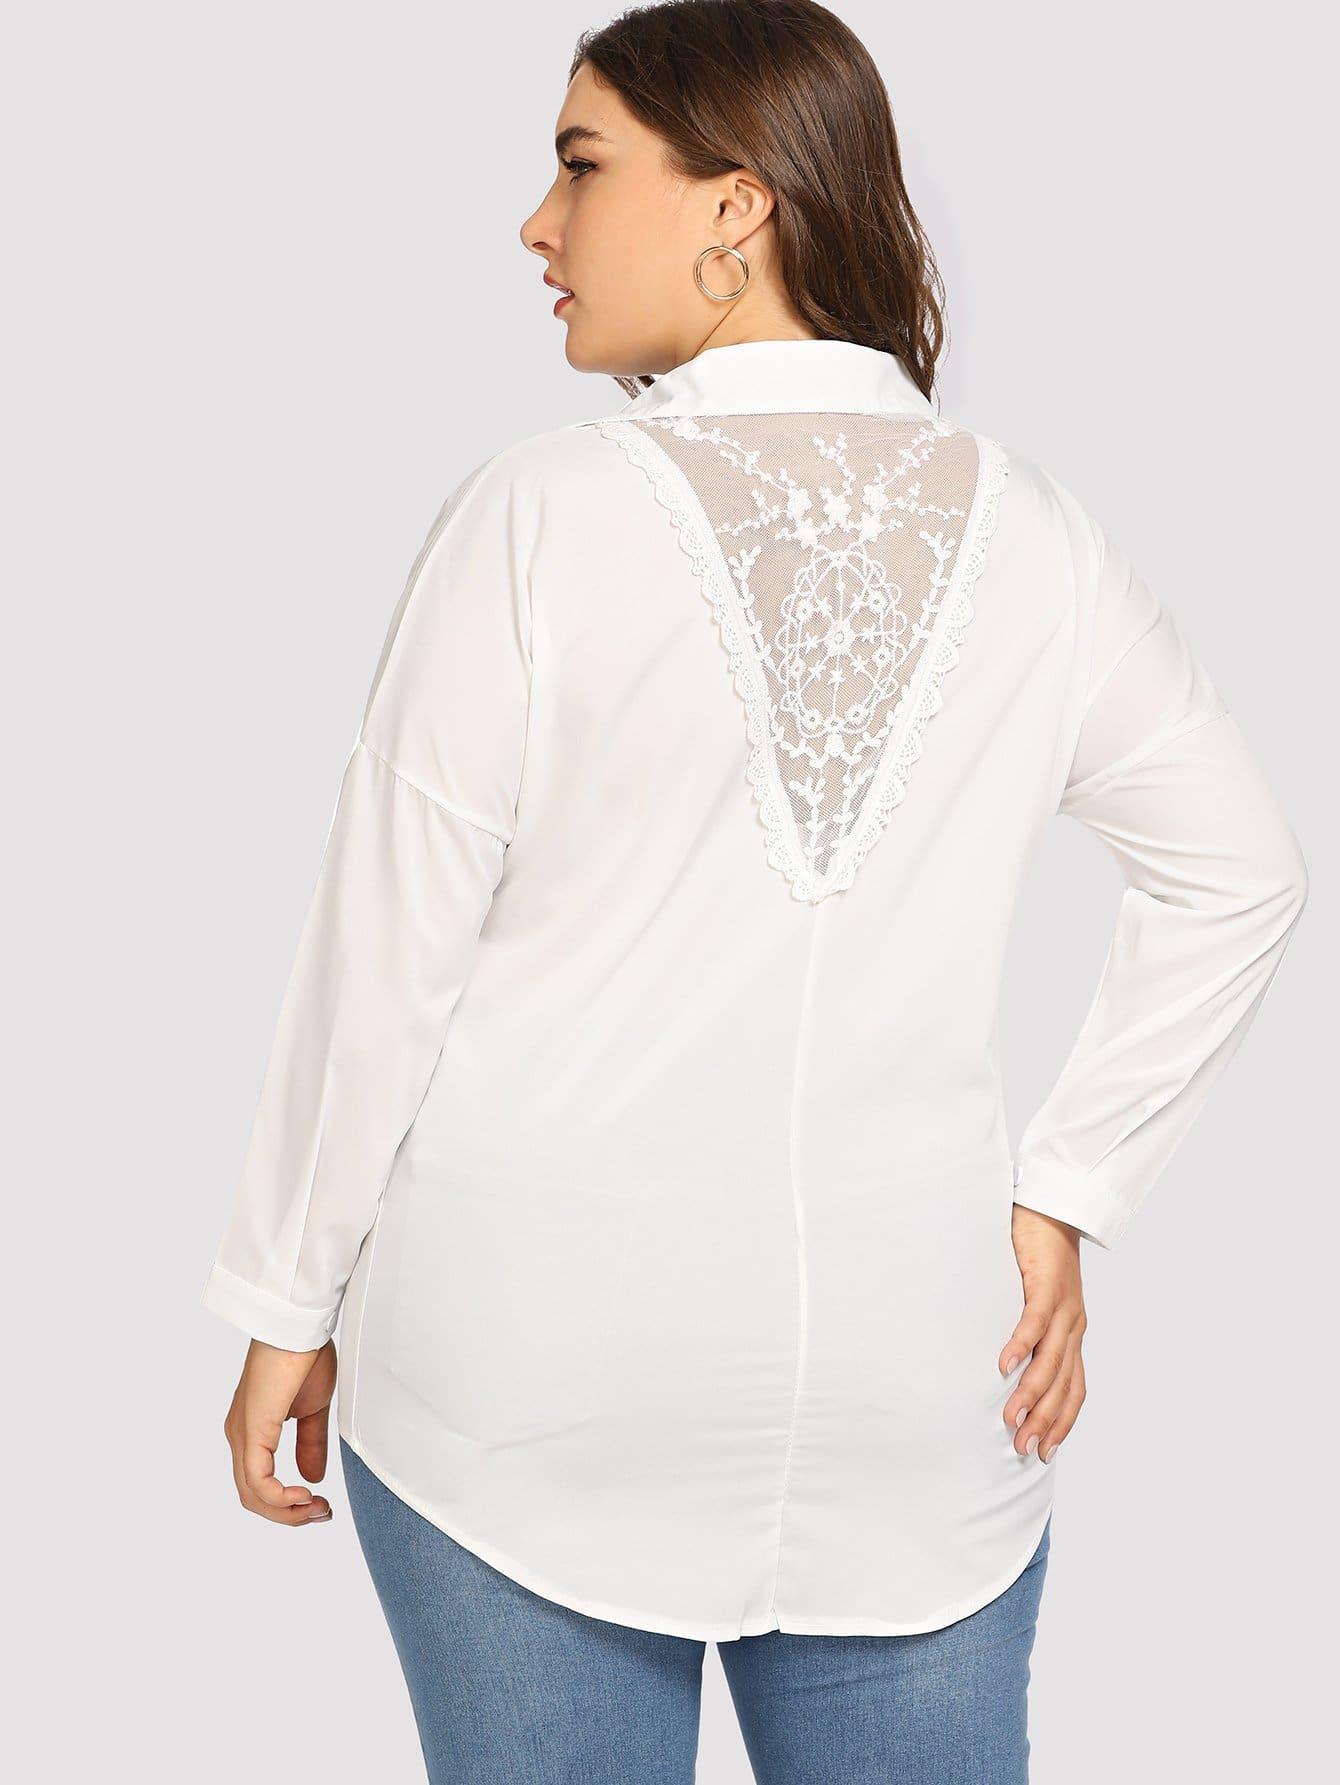 Купить Большая простая блузка и со симметрическими кружевами, Franziska, SheIn